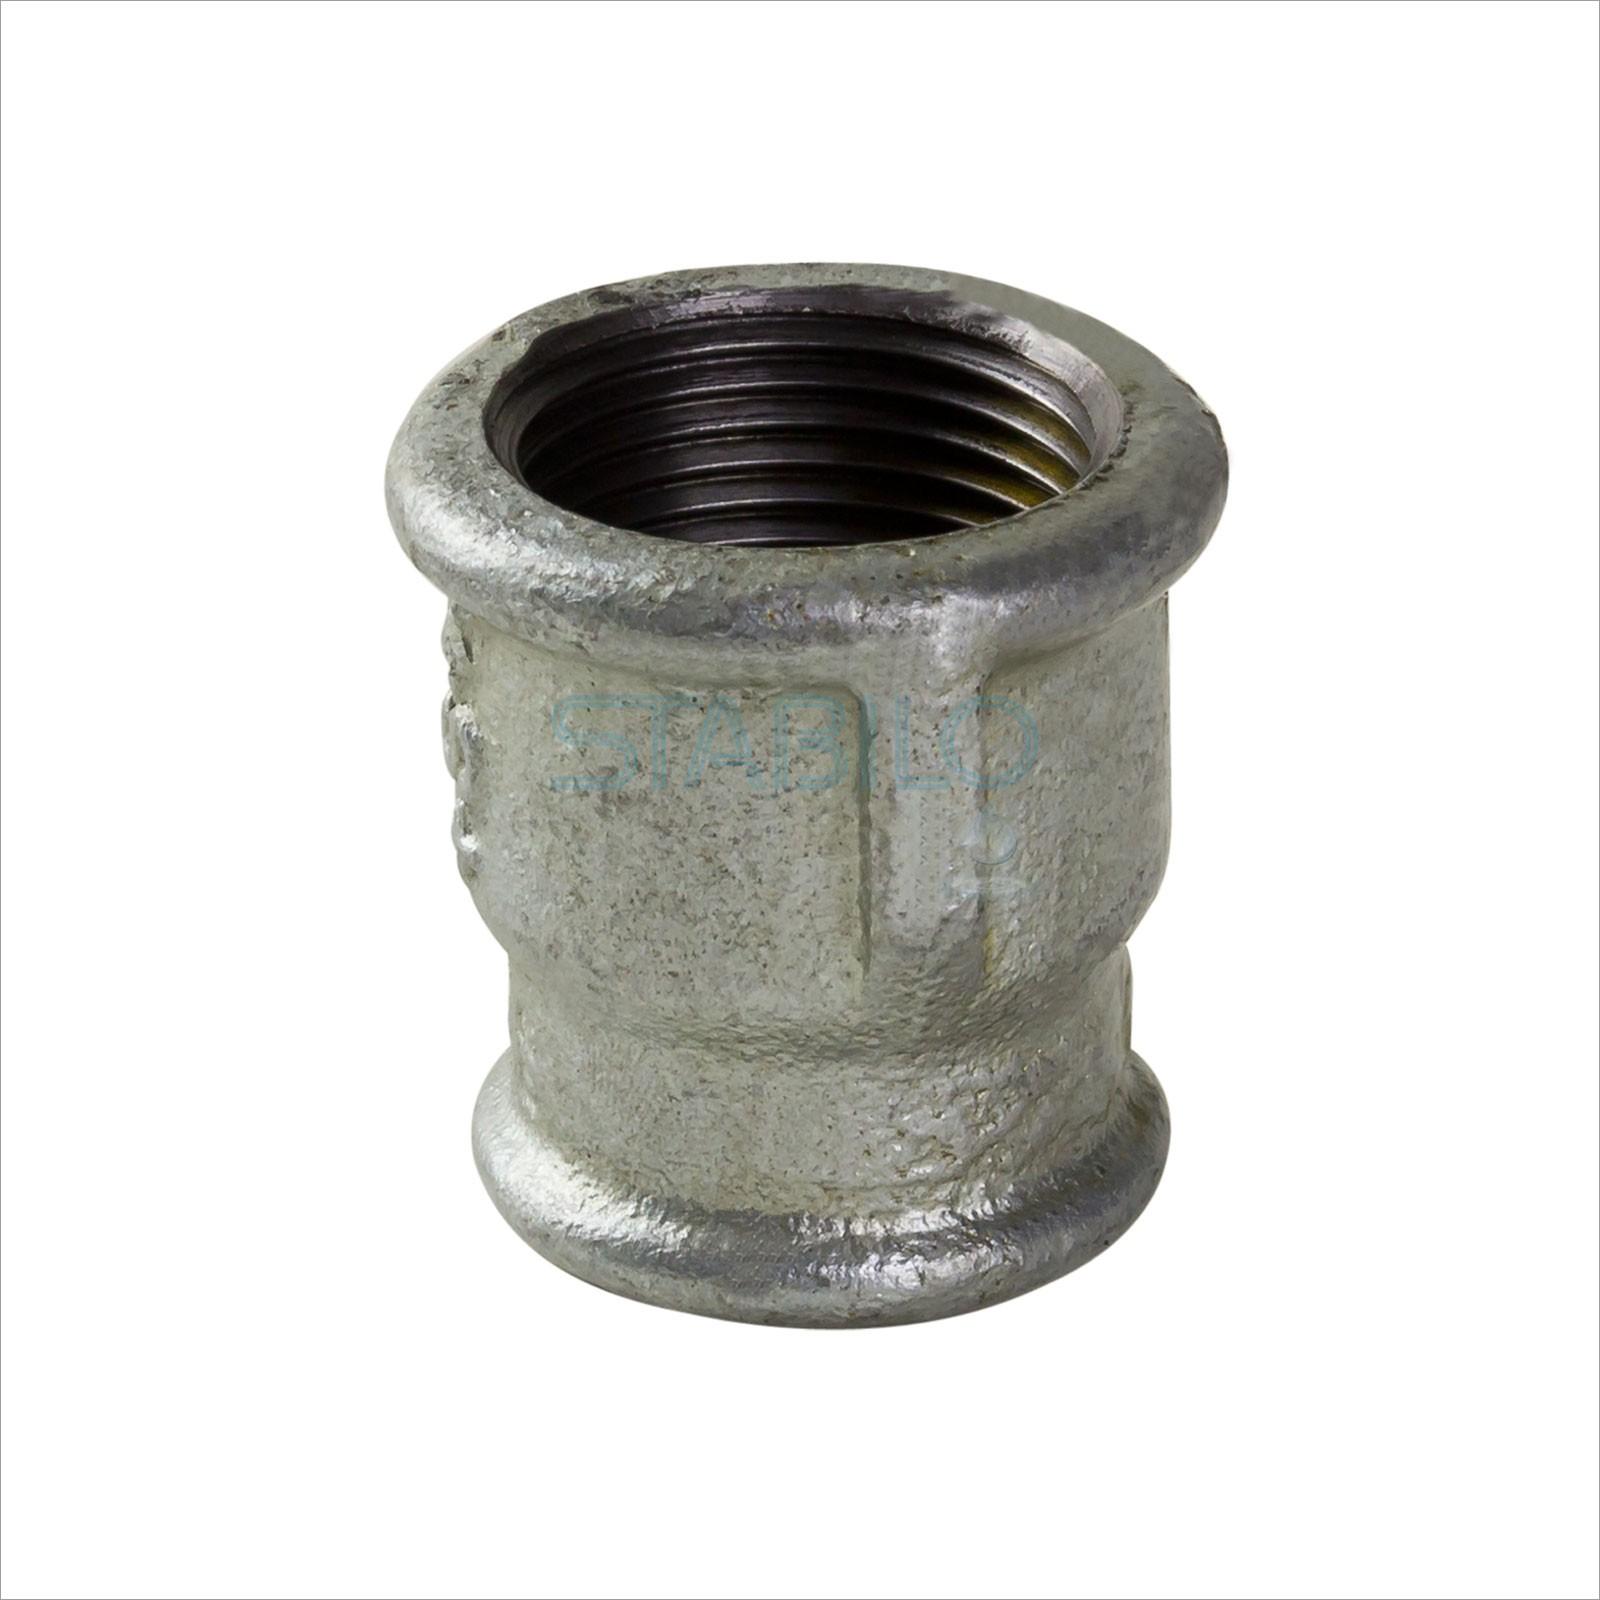 Rohr Reduziermuffe 1 1/2 x 1 1/4 Zoll IG/IG Gewinde Fitting verzinkt